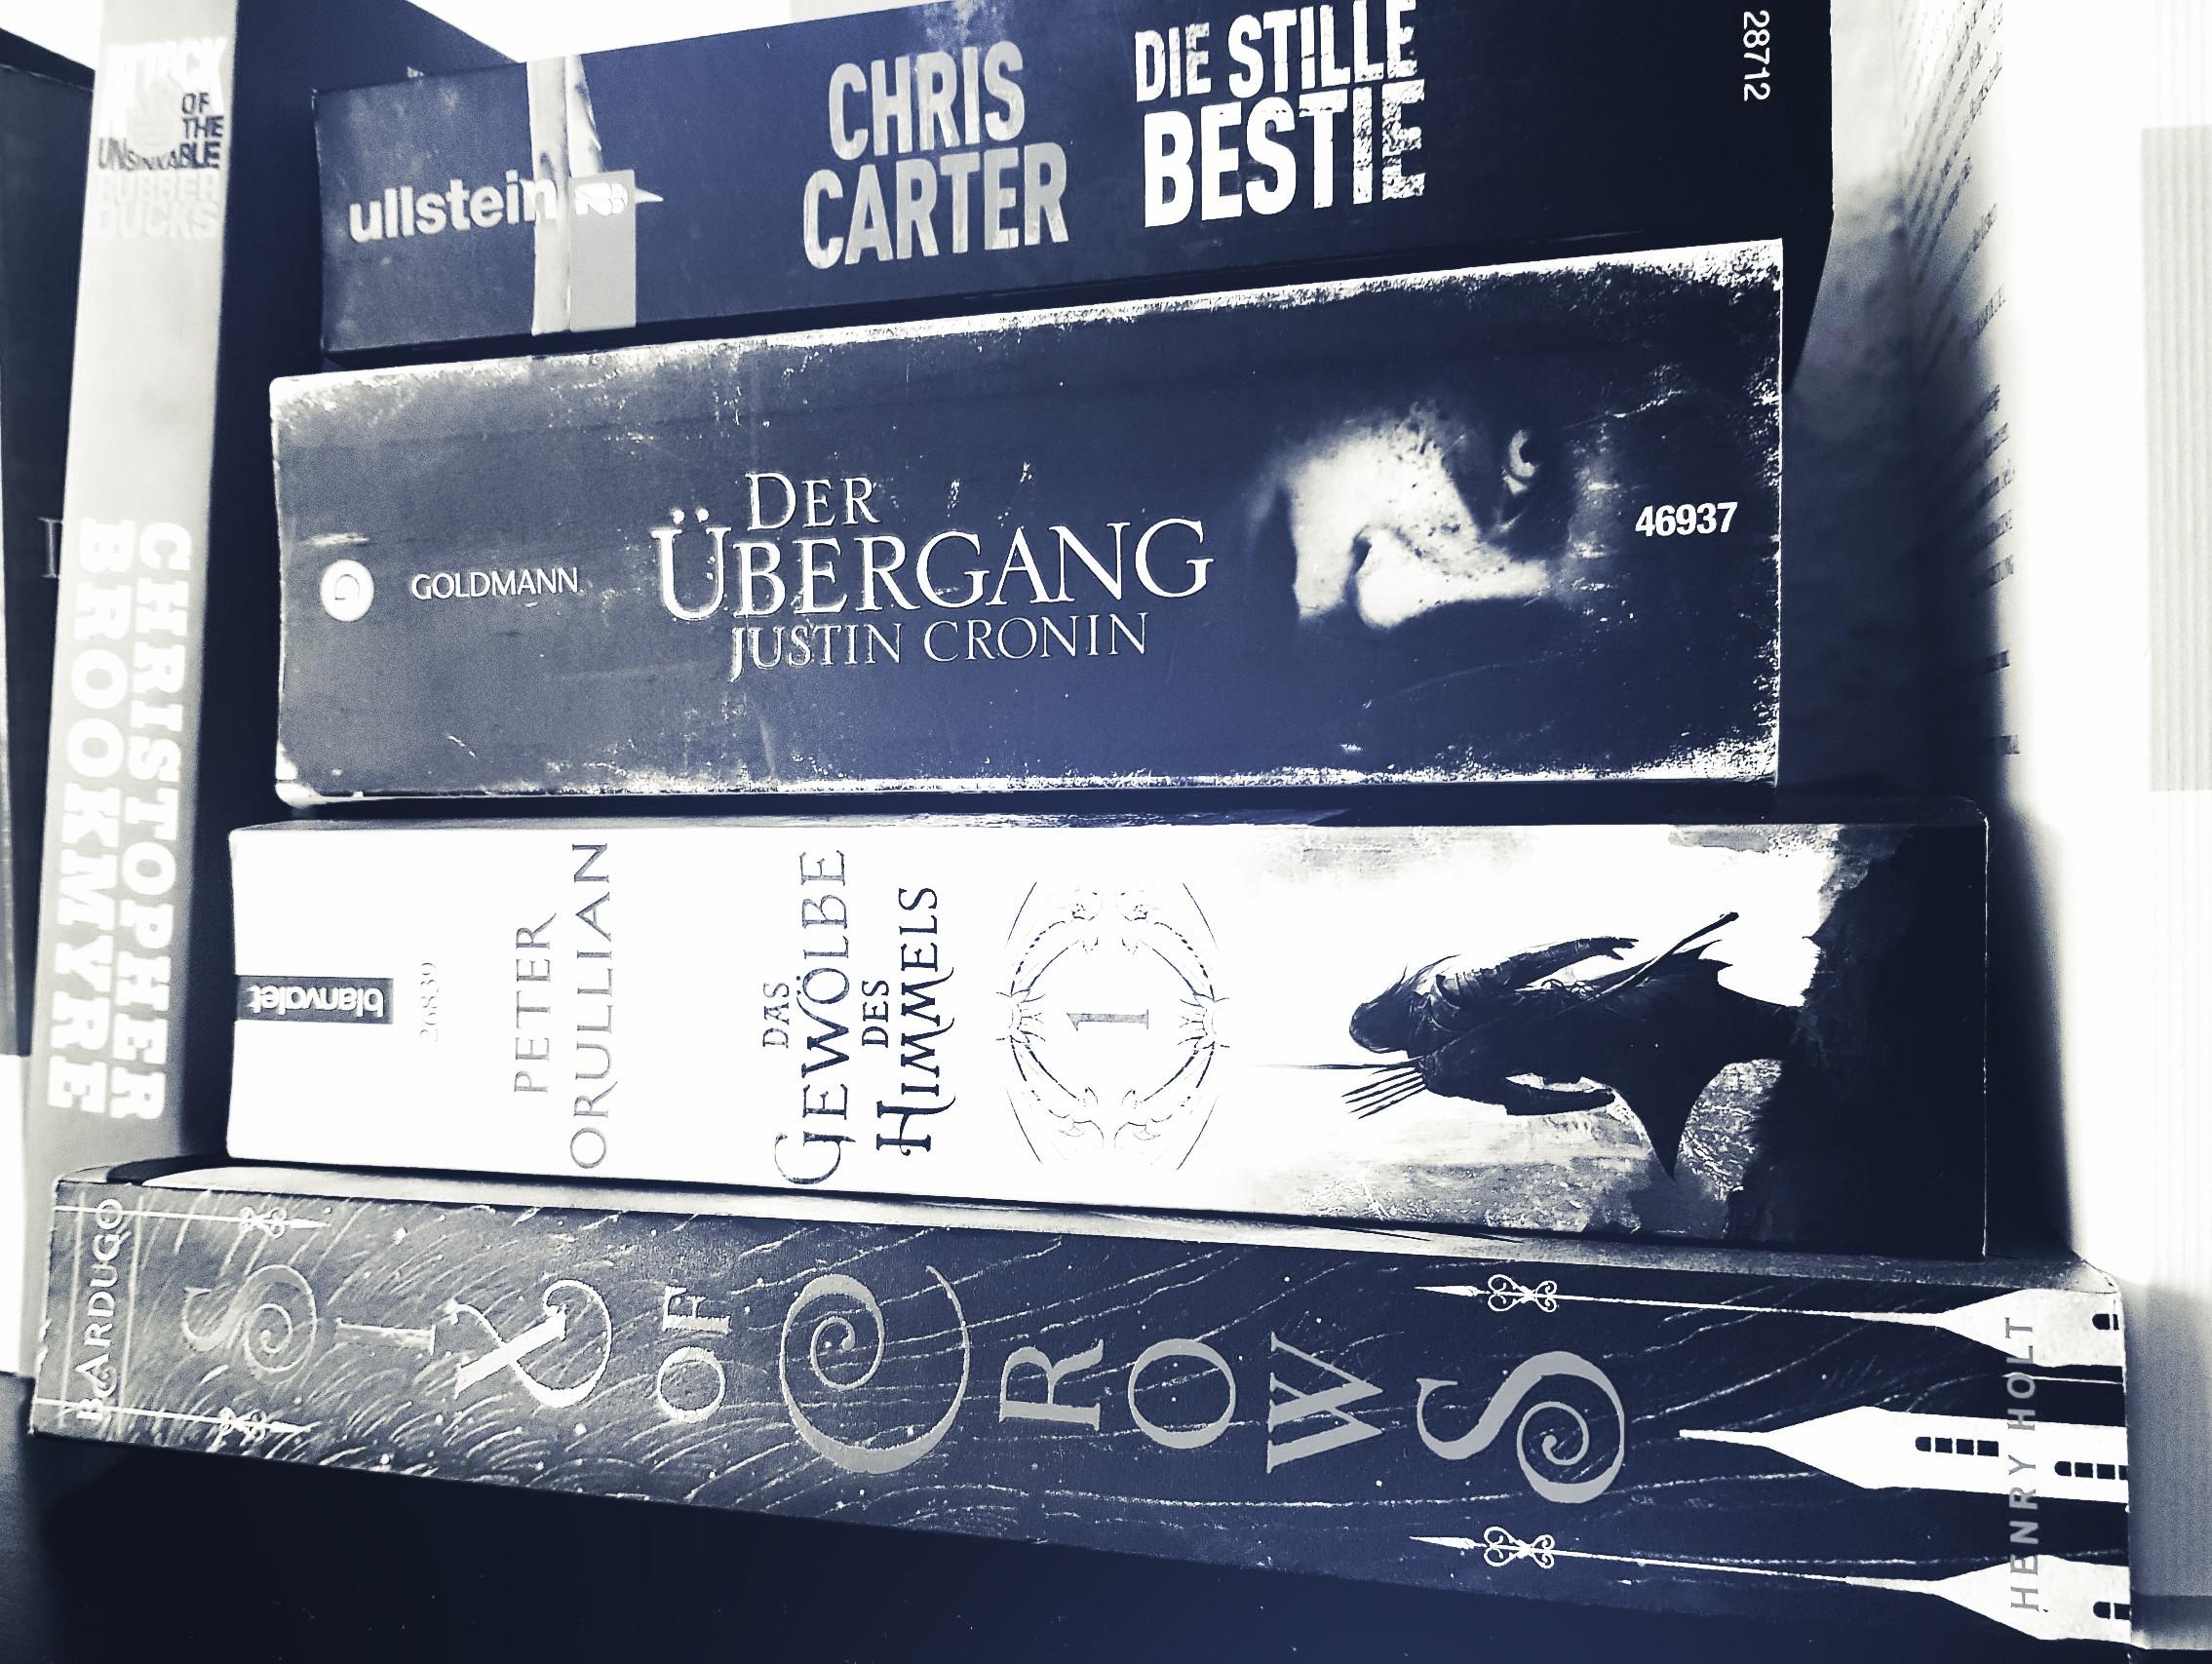 [Federlesen] Über den Stapel ungelesener Bücher und die Unsinnigkeit von Buchkaufverboten